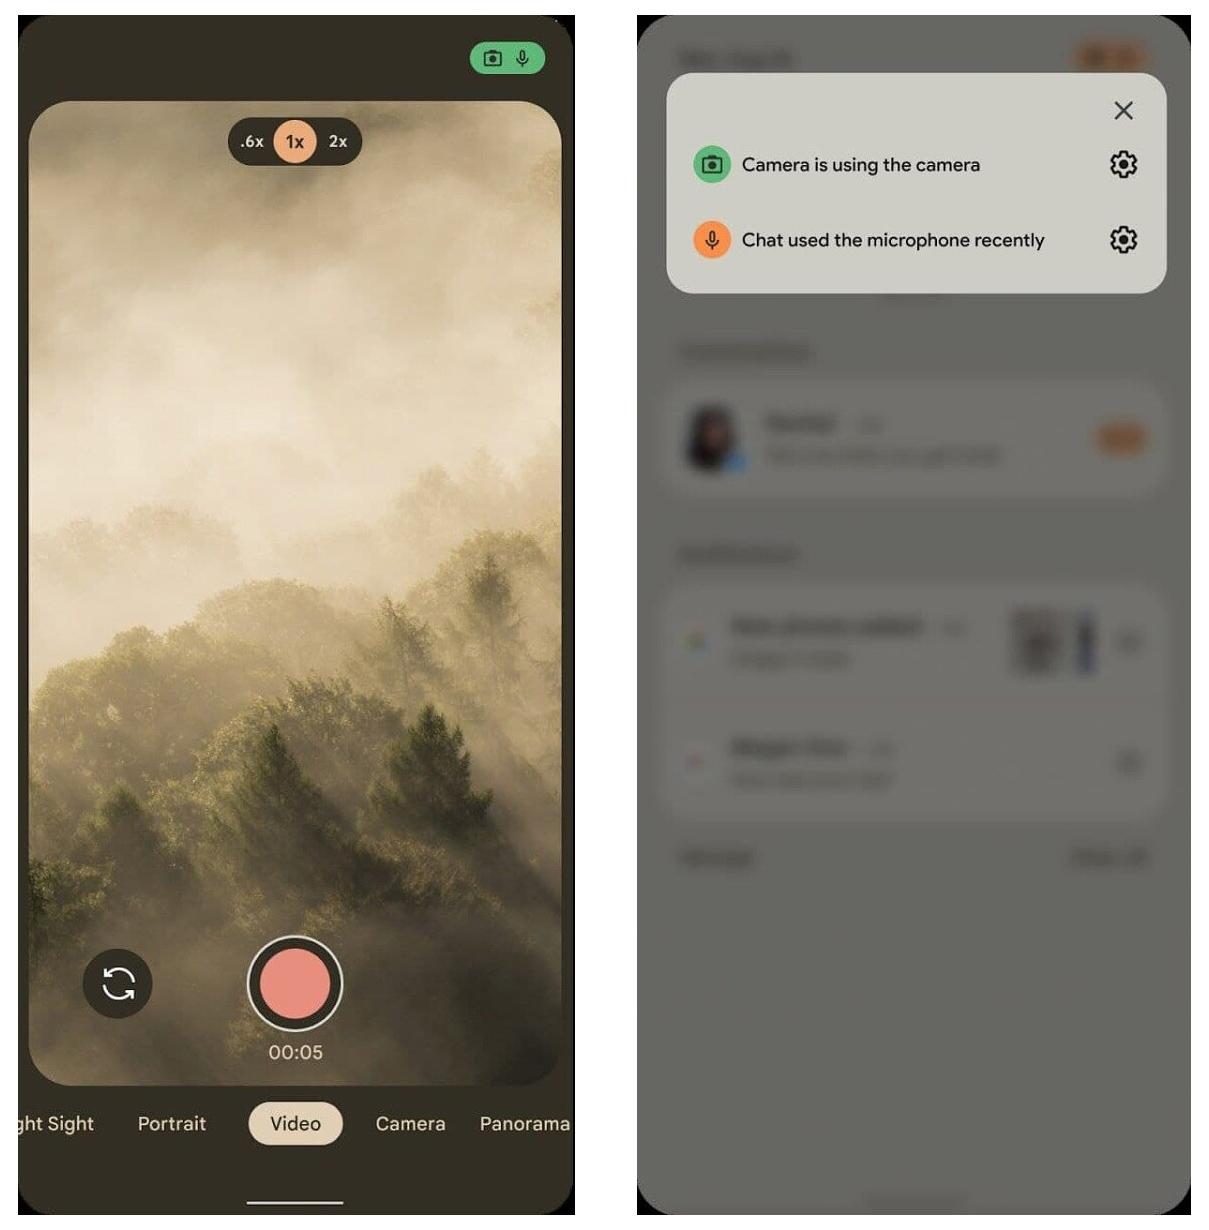 Зеленый чип конфиденциальности в правом верхнем углу показывает, когда приложения используют камеру, микрофон или данные о местоположении